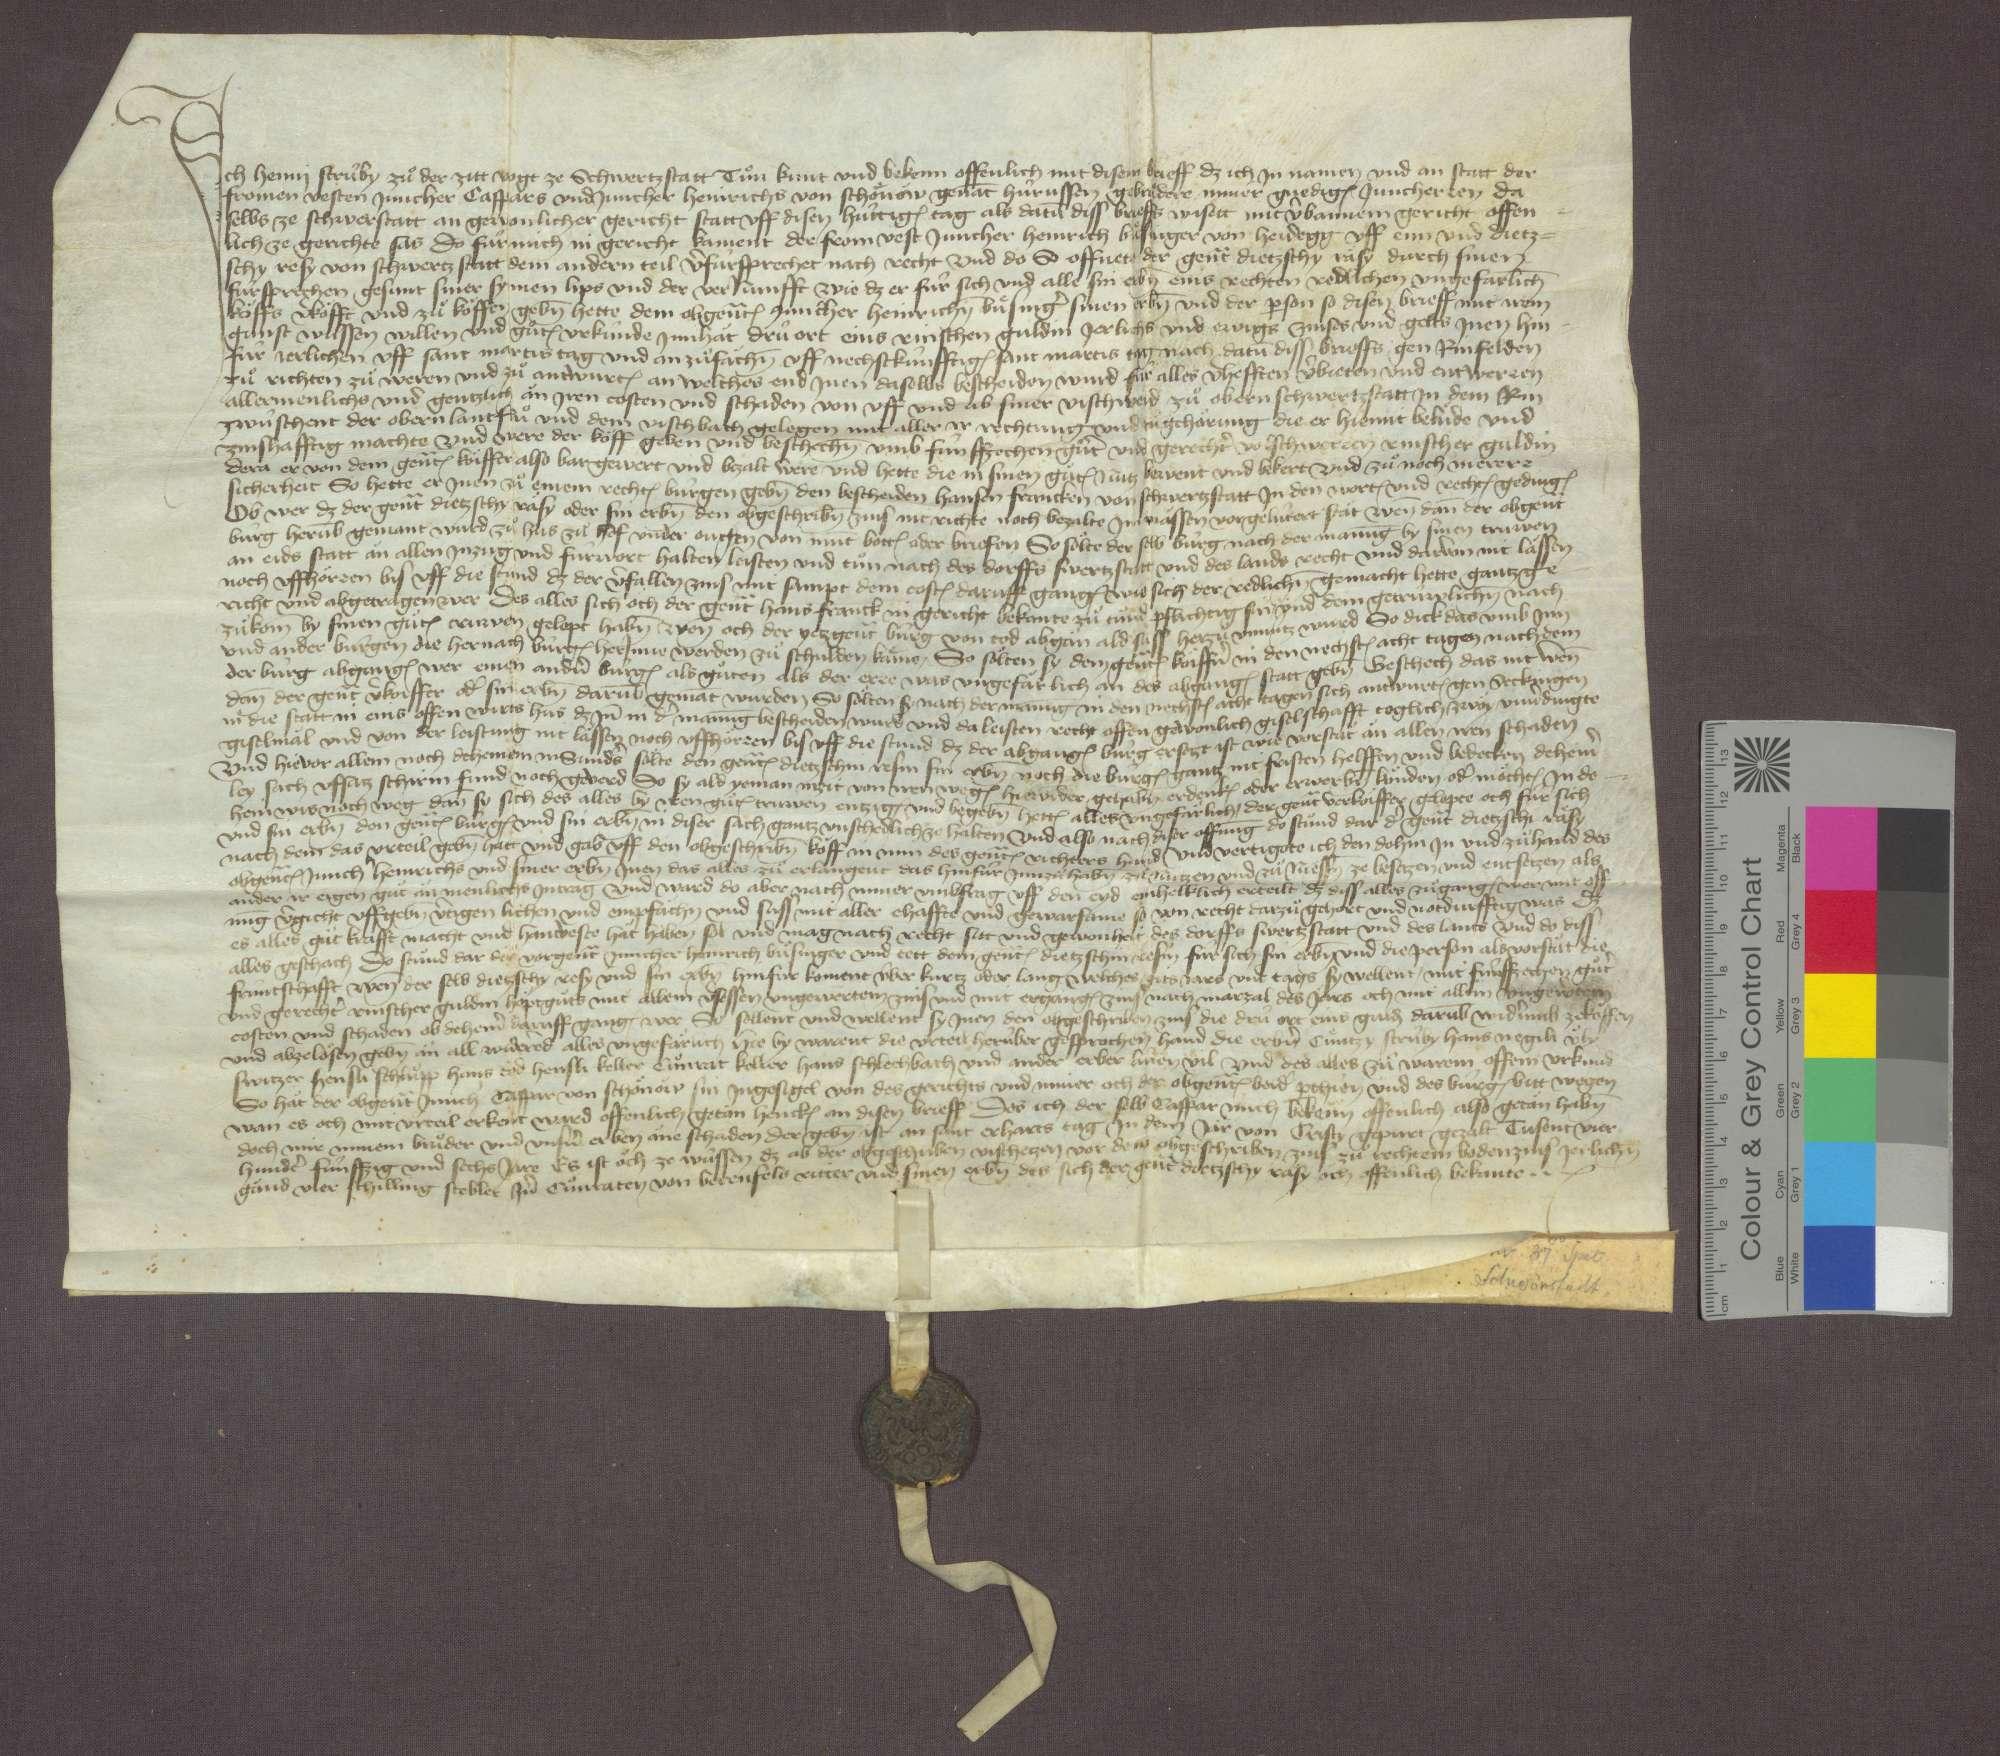 Dintzschy Resy von Schwörstadt verkauft an Heinrich Büsinger von Heidegg eine jährliche Gült von 3 Ort eines Gulden, von seiner Fischweide im Rhein zu Oberschwörstadtim zwischen der oberen Landflu und dem Fischbach um 15 Gulden., Bild 1